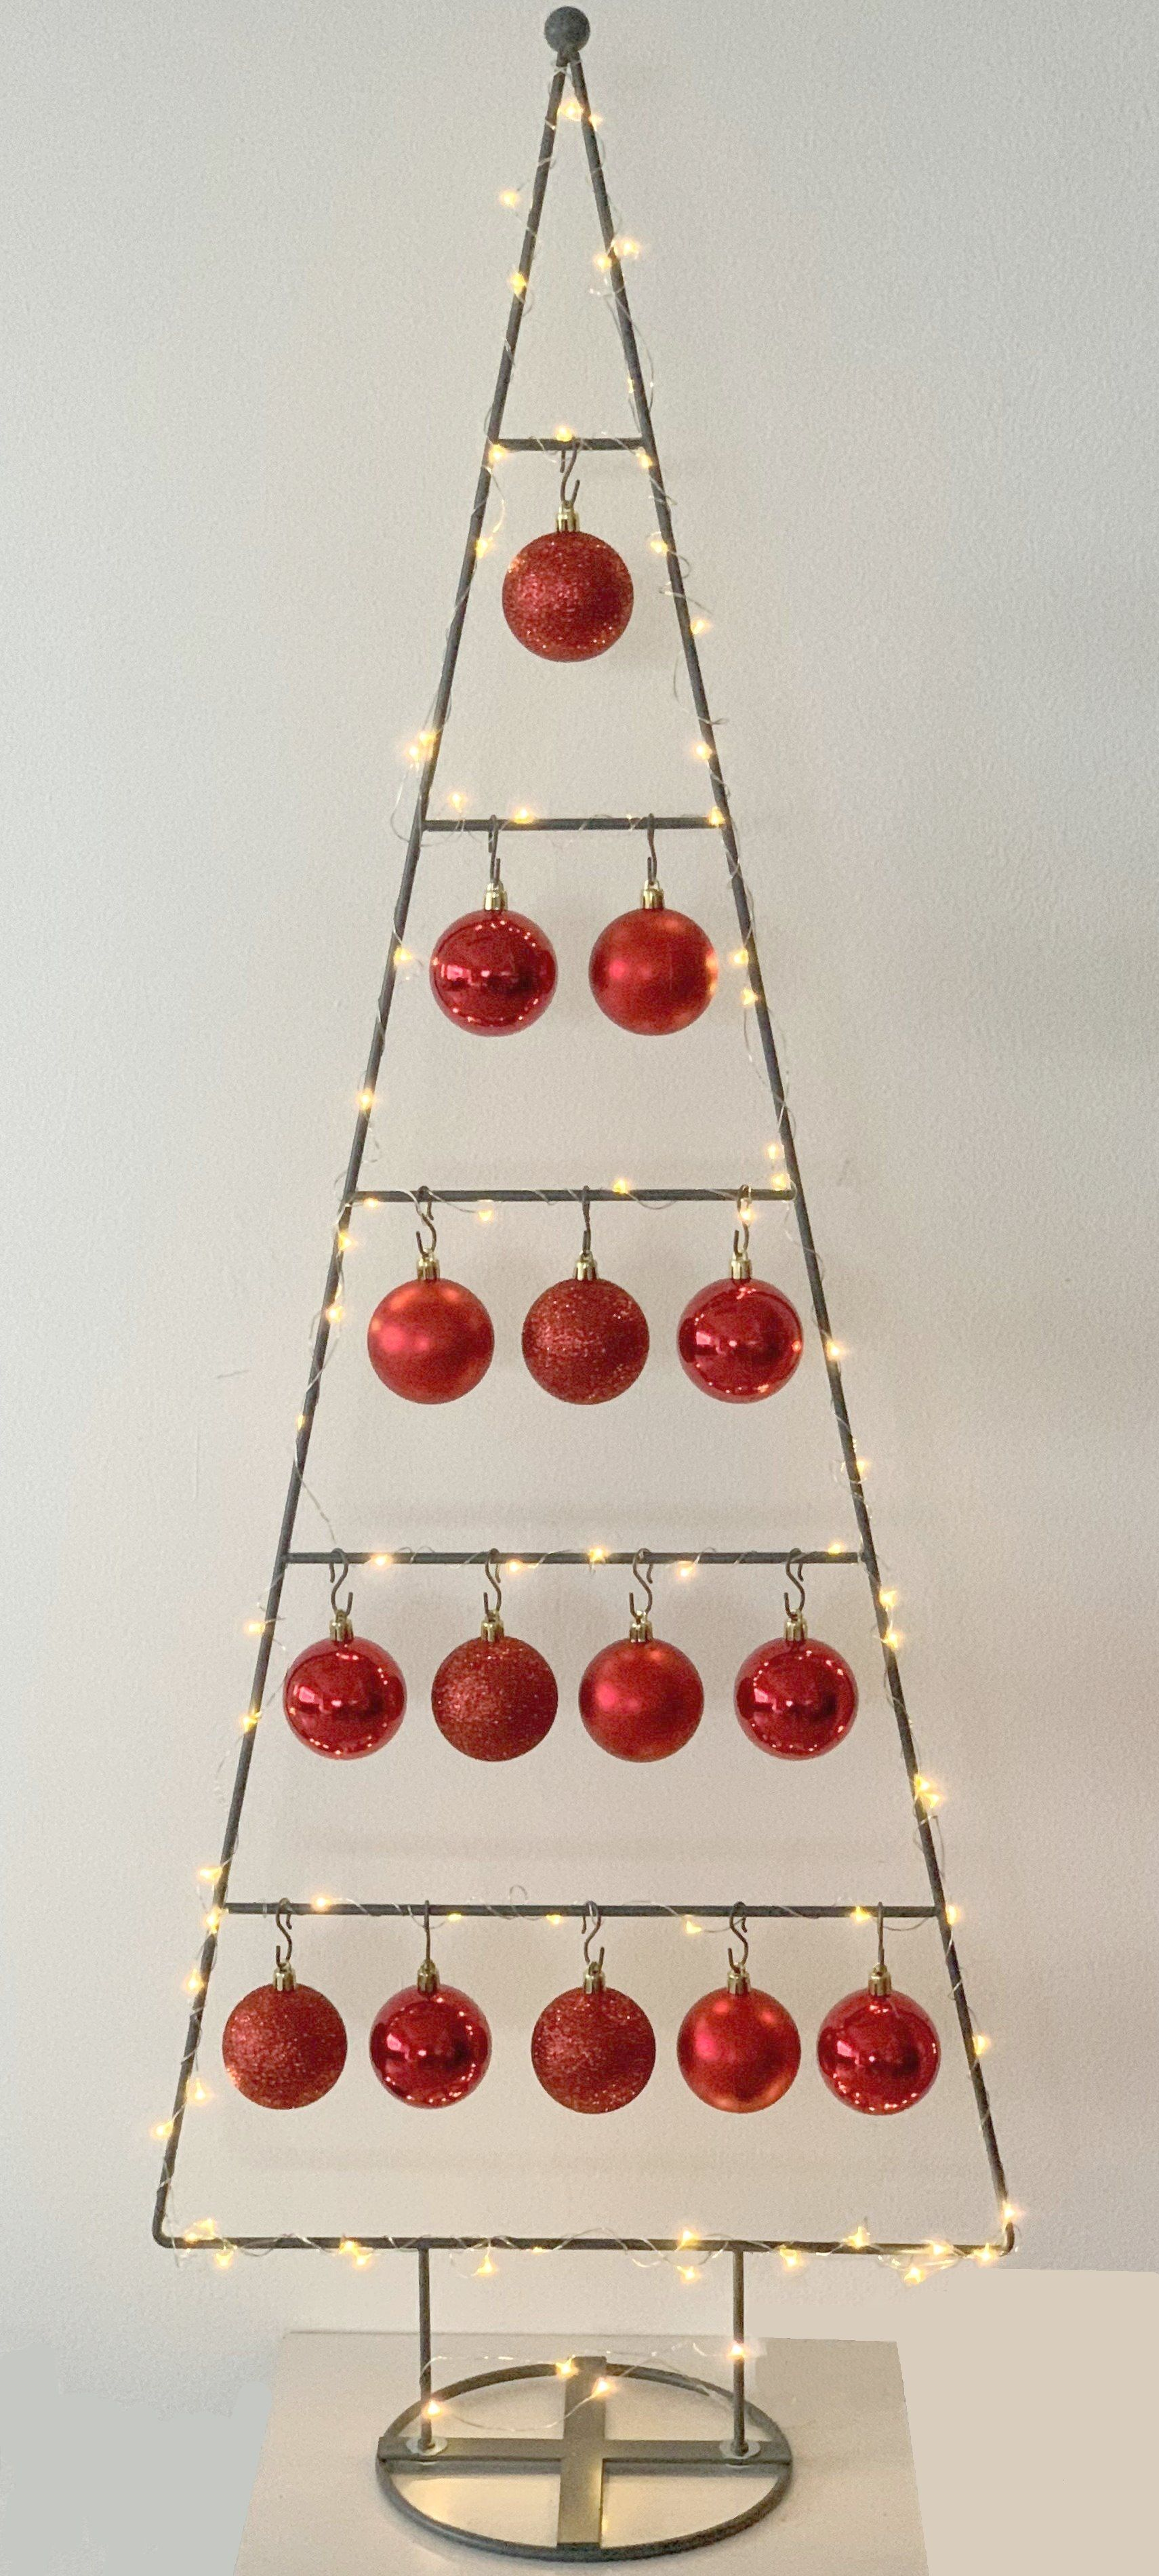 MARC® Weihnachtsbaum Christbaum Dekobaum TRIDENT, rot - 114cm